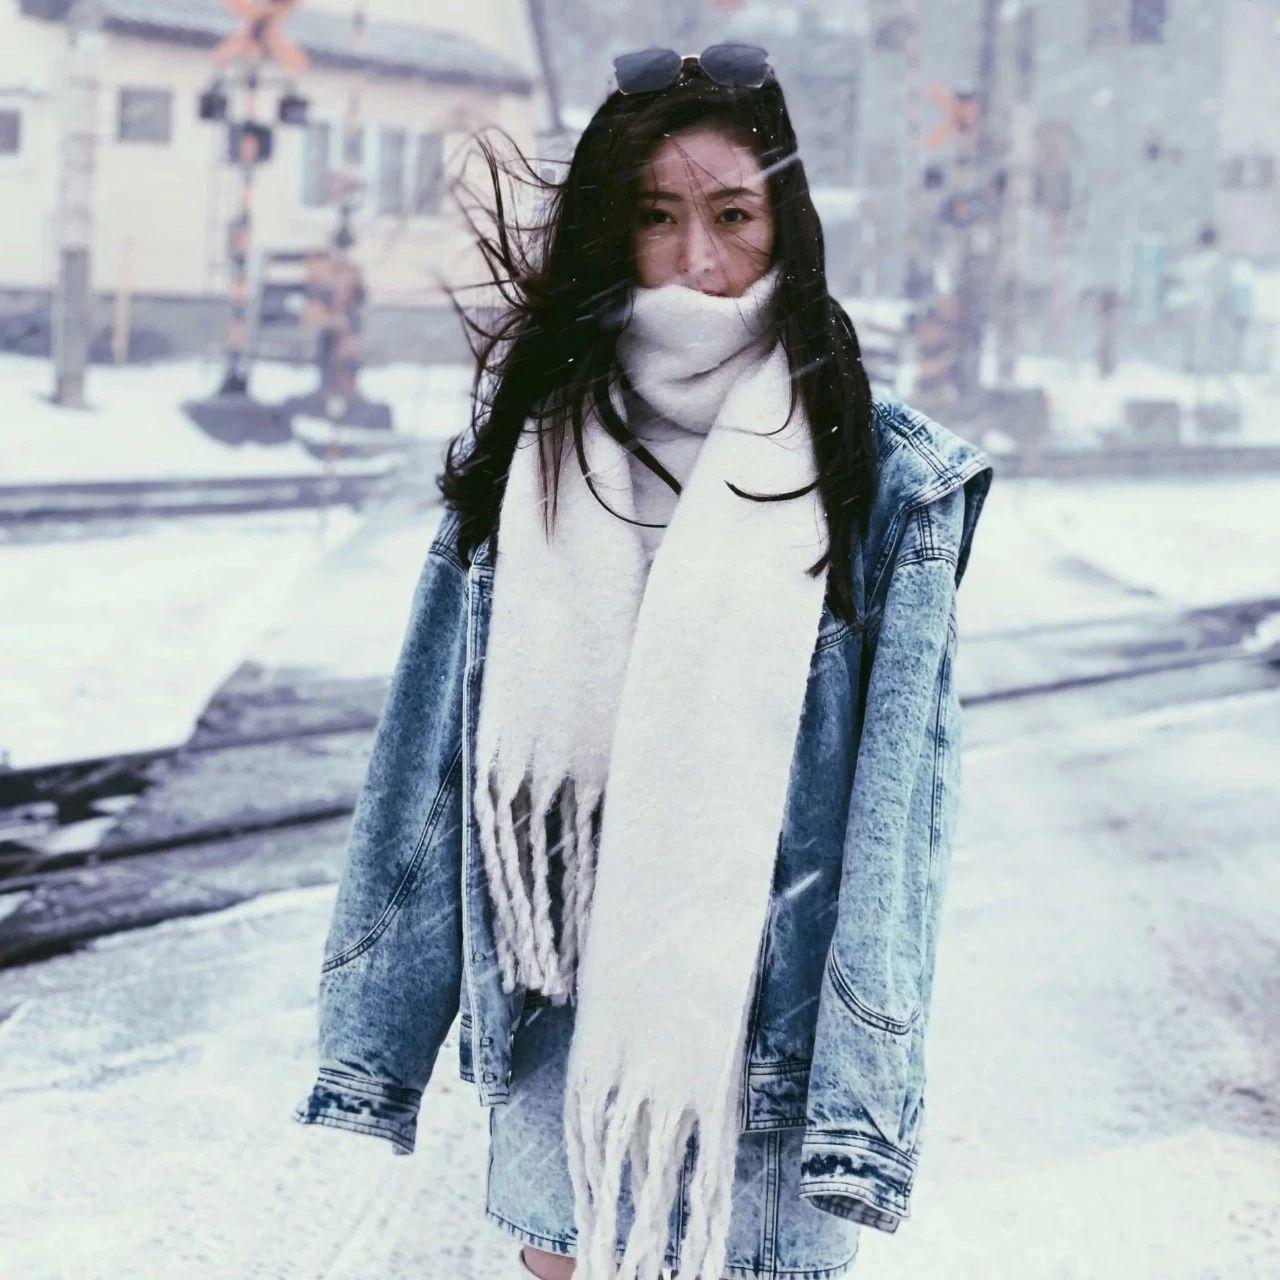 张天爱一身牛仔装雪中拍照,裹白色毛绒围巾,时尚保暖秀清新气质